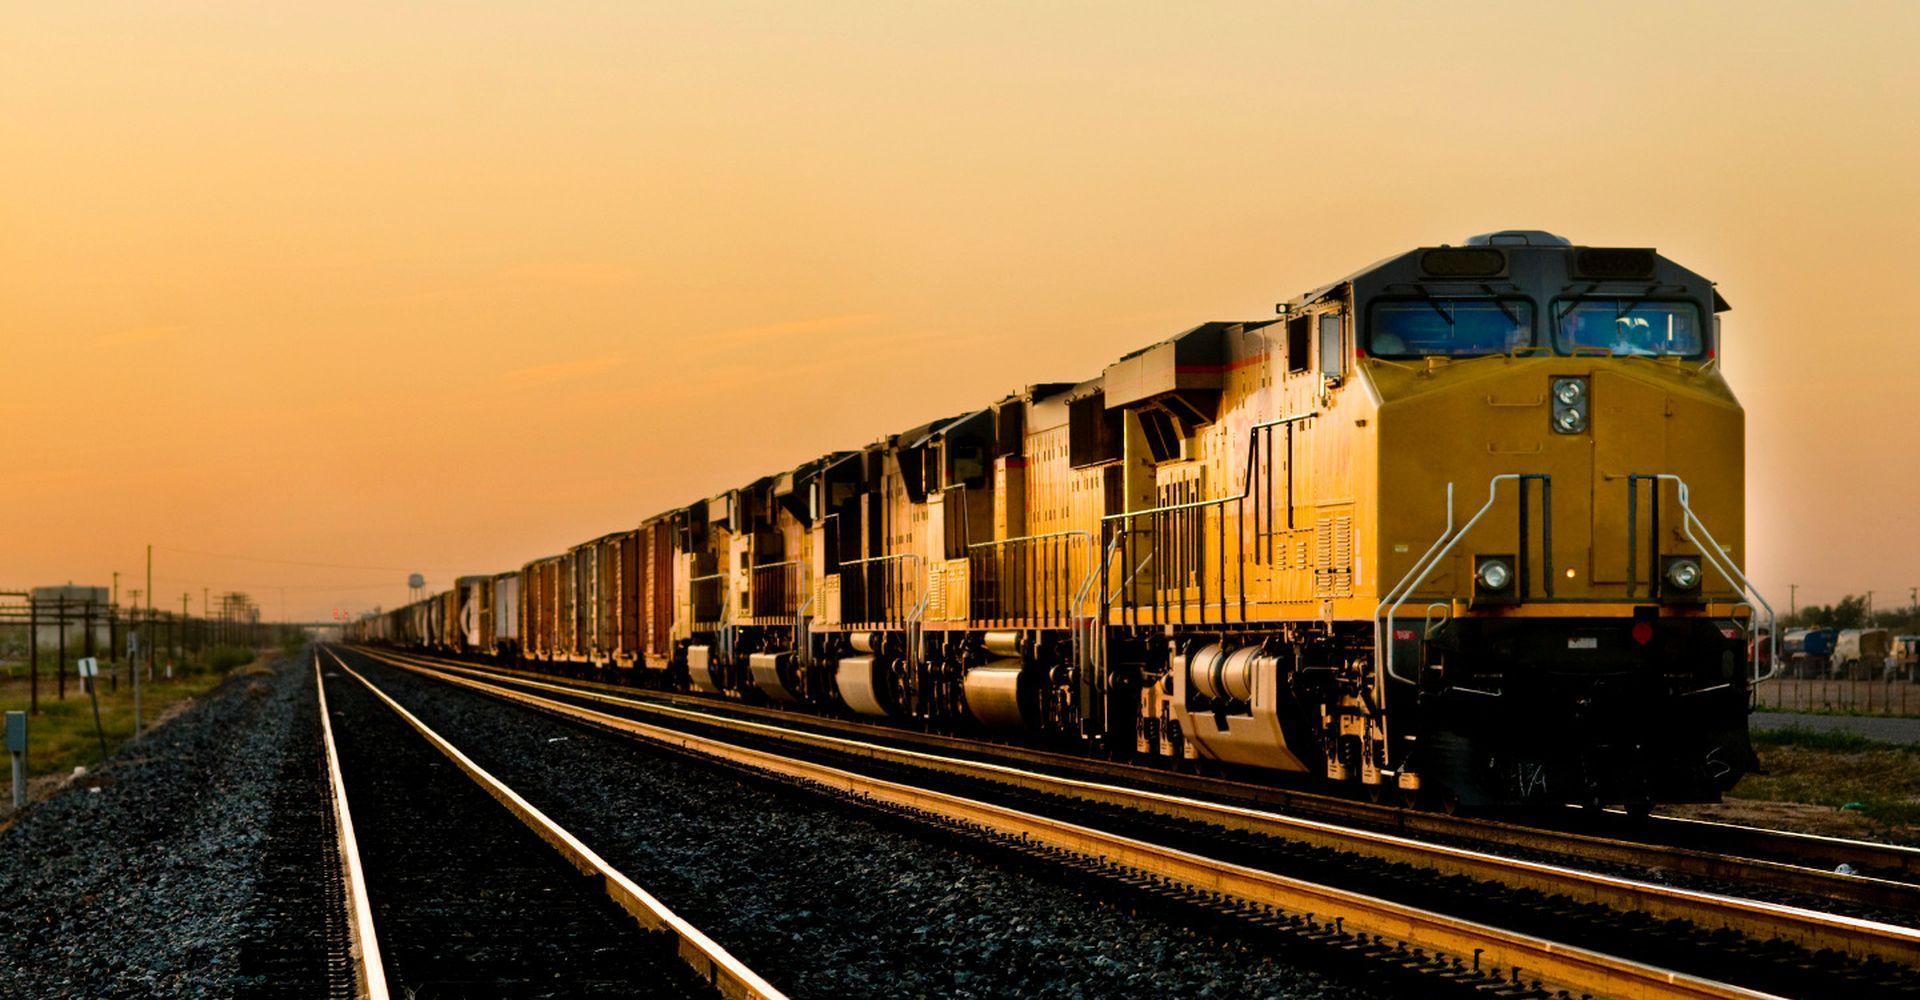 Железнодорожная перевозка грузов в РФ выросла в январе-мае на 3,4%